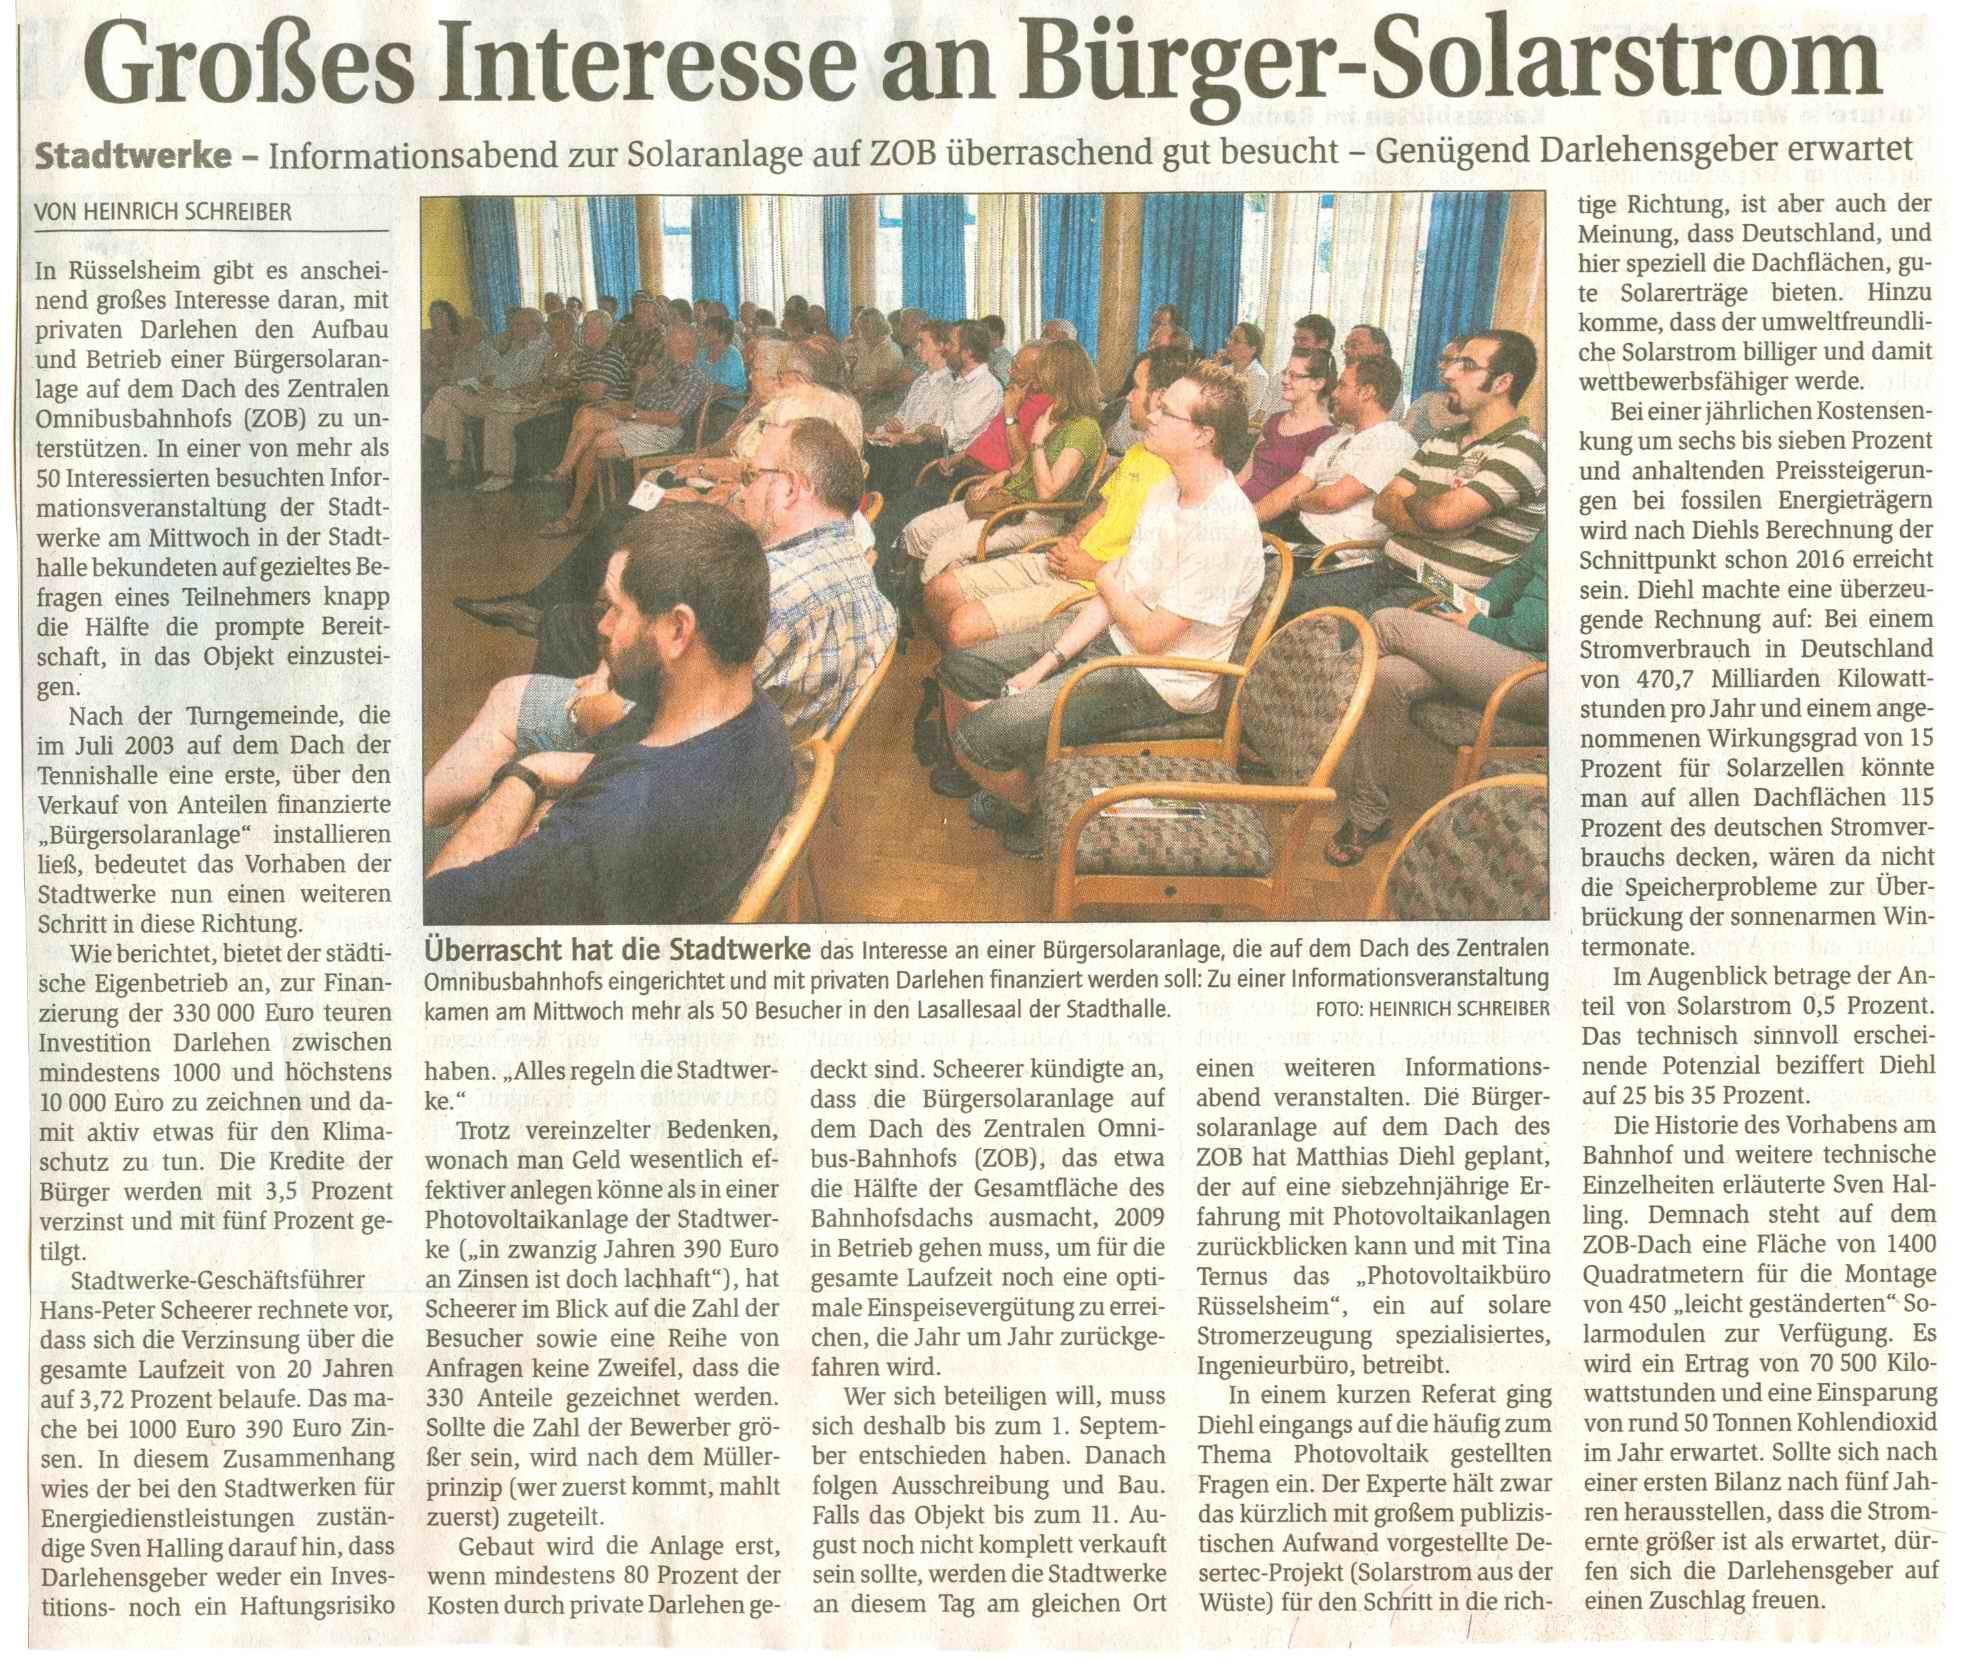 Rüsselsheimer Echo vom 24.7.2009 zur Veranstaltung